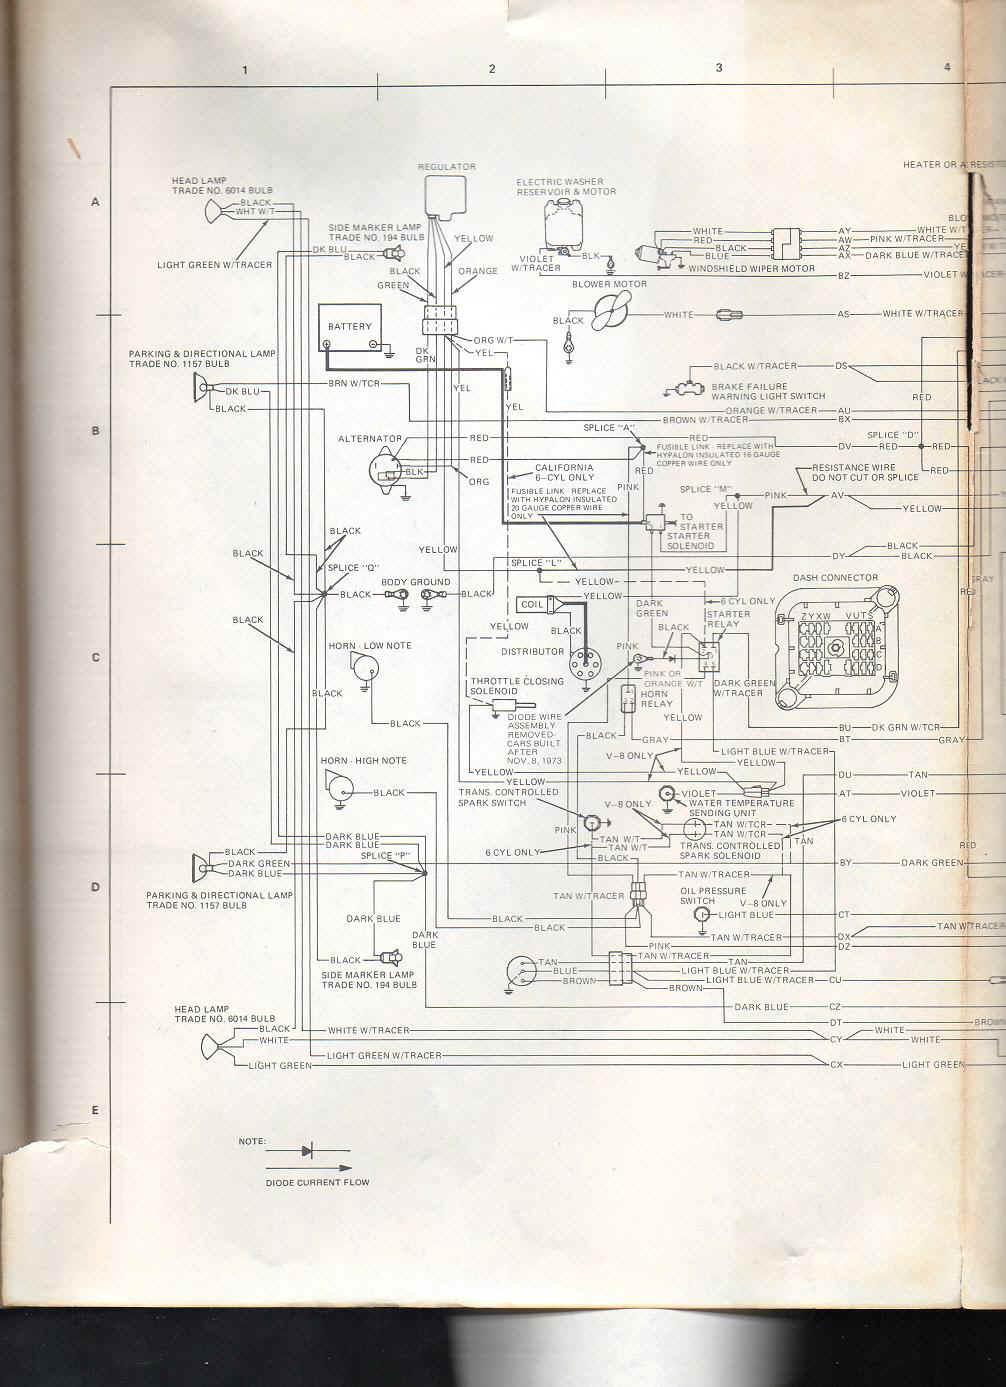 amc javelin wiring diagrams data wiring diagram  1970 amc amx wiring diagram wiring diagram 1973 amc javelin wiring diagram 1970 amc amx wiring